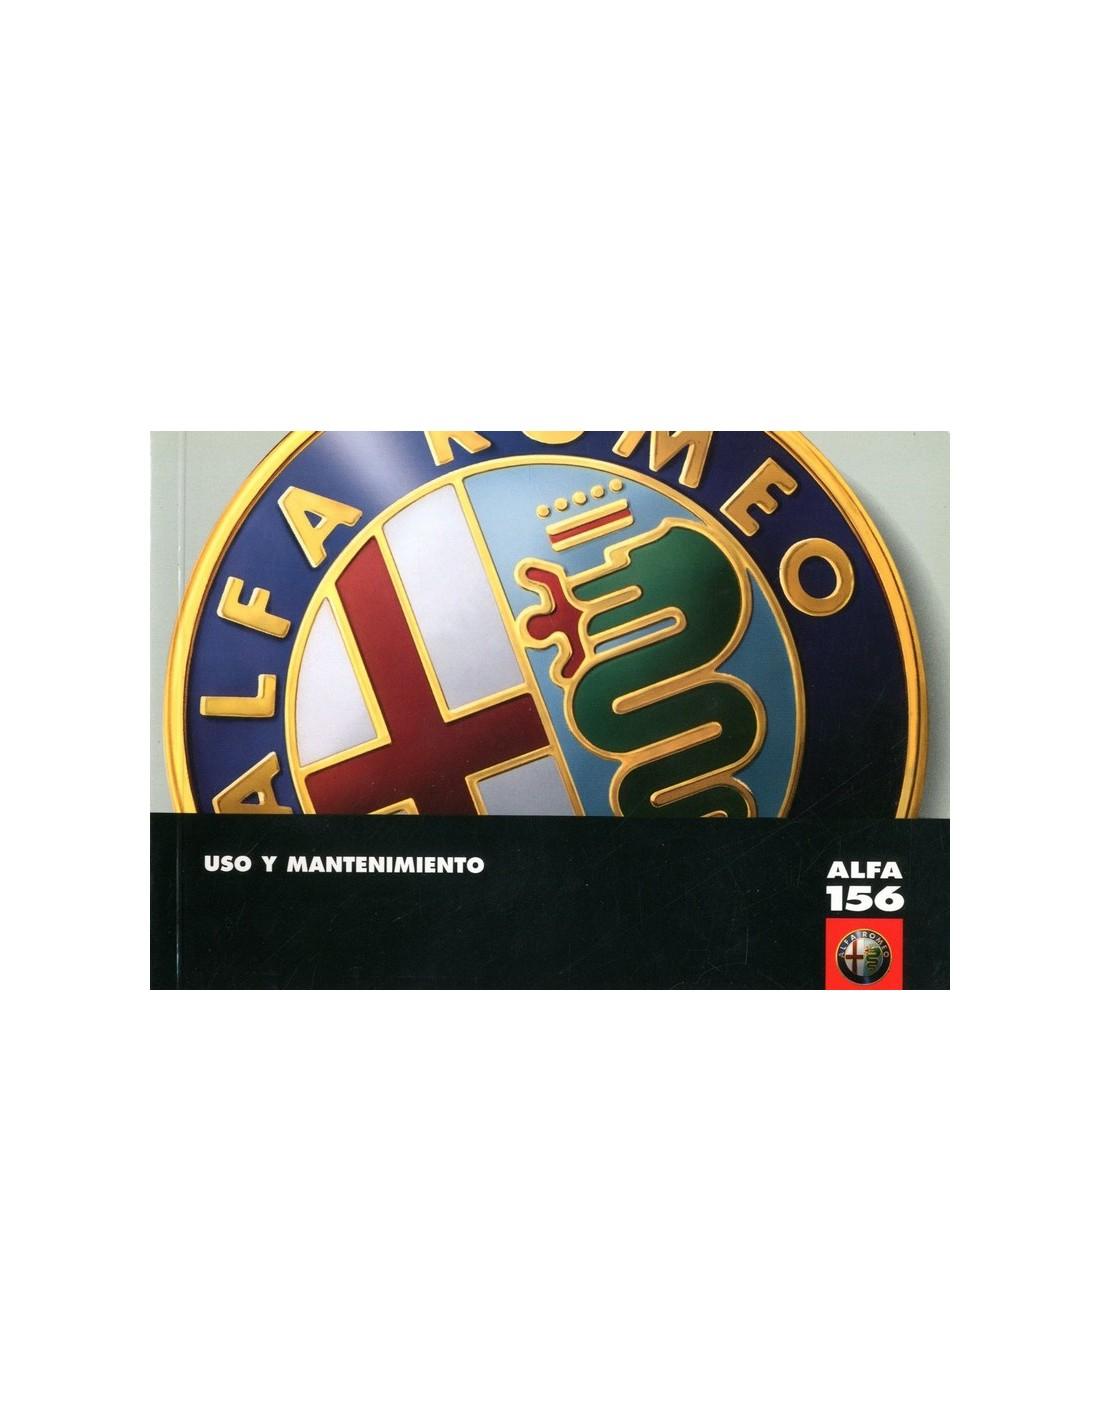 1997 ALFA ROMEO 156 OWNERS MANUAL SPANISH